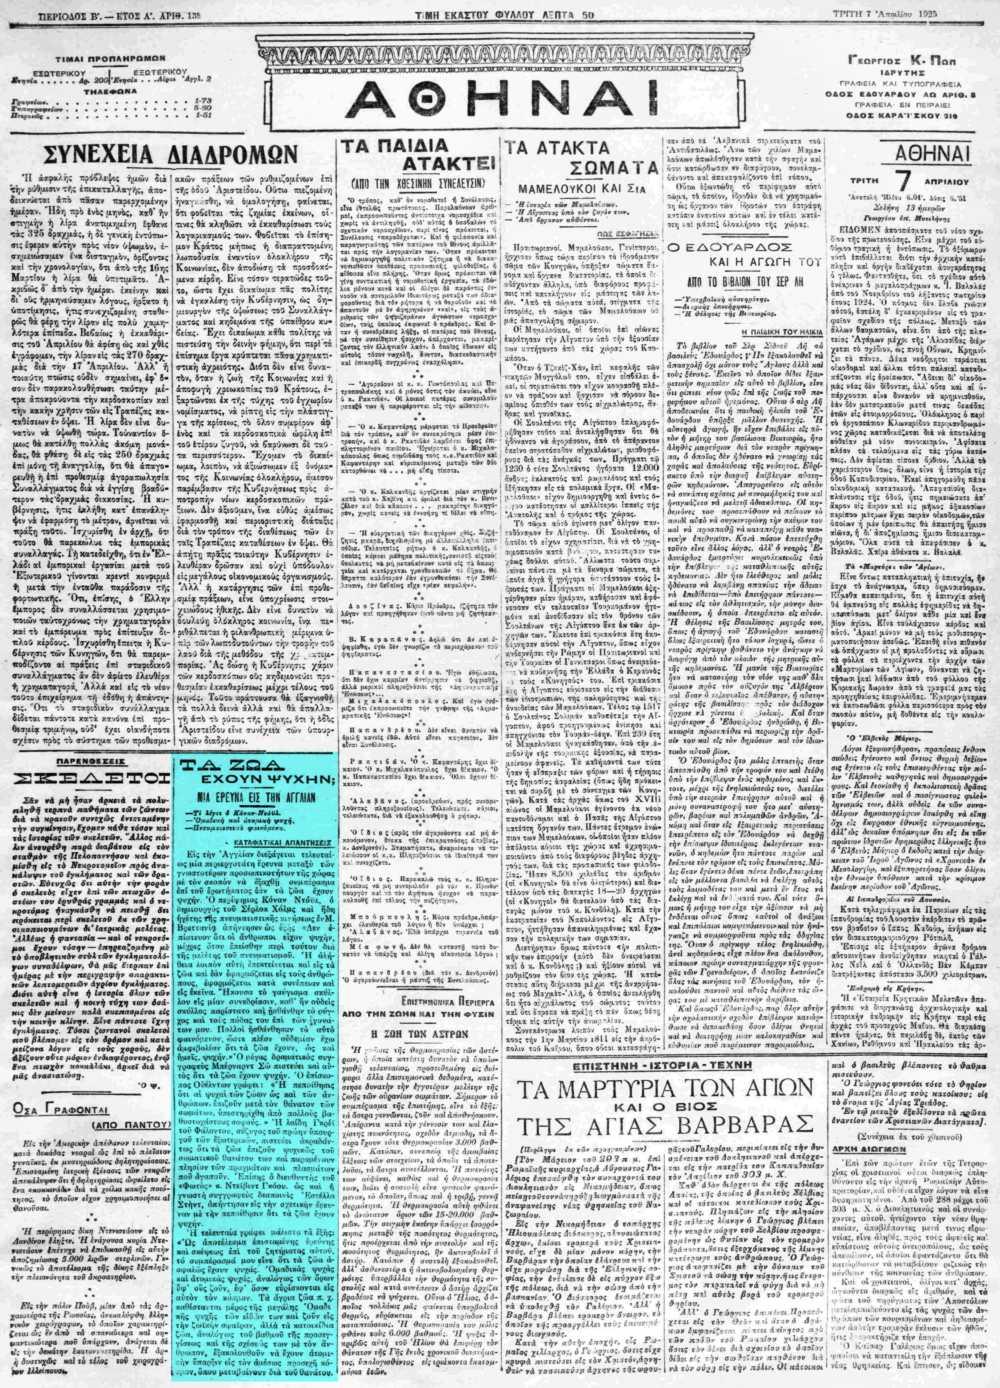 """Το άρθρο, όπως δημοσιεύθηκε στην εφημερίδα """"ΑΘΗΝΑΙ"""", στις 07/04/1925"""